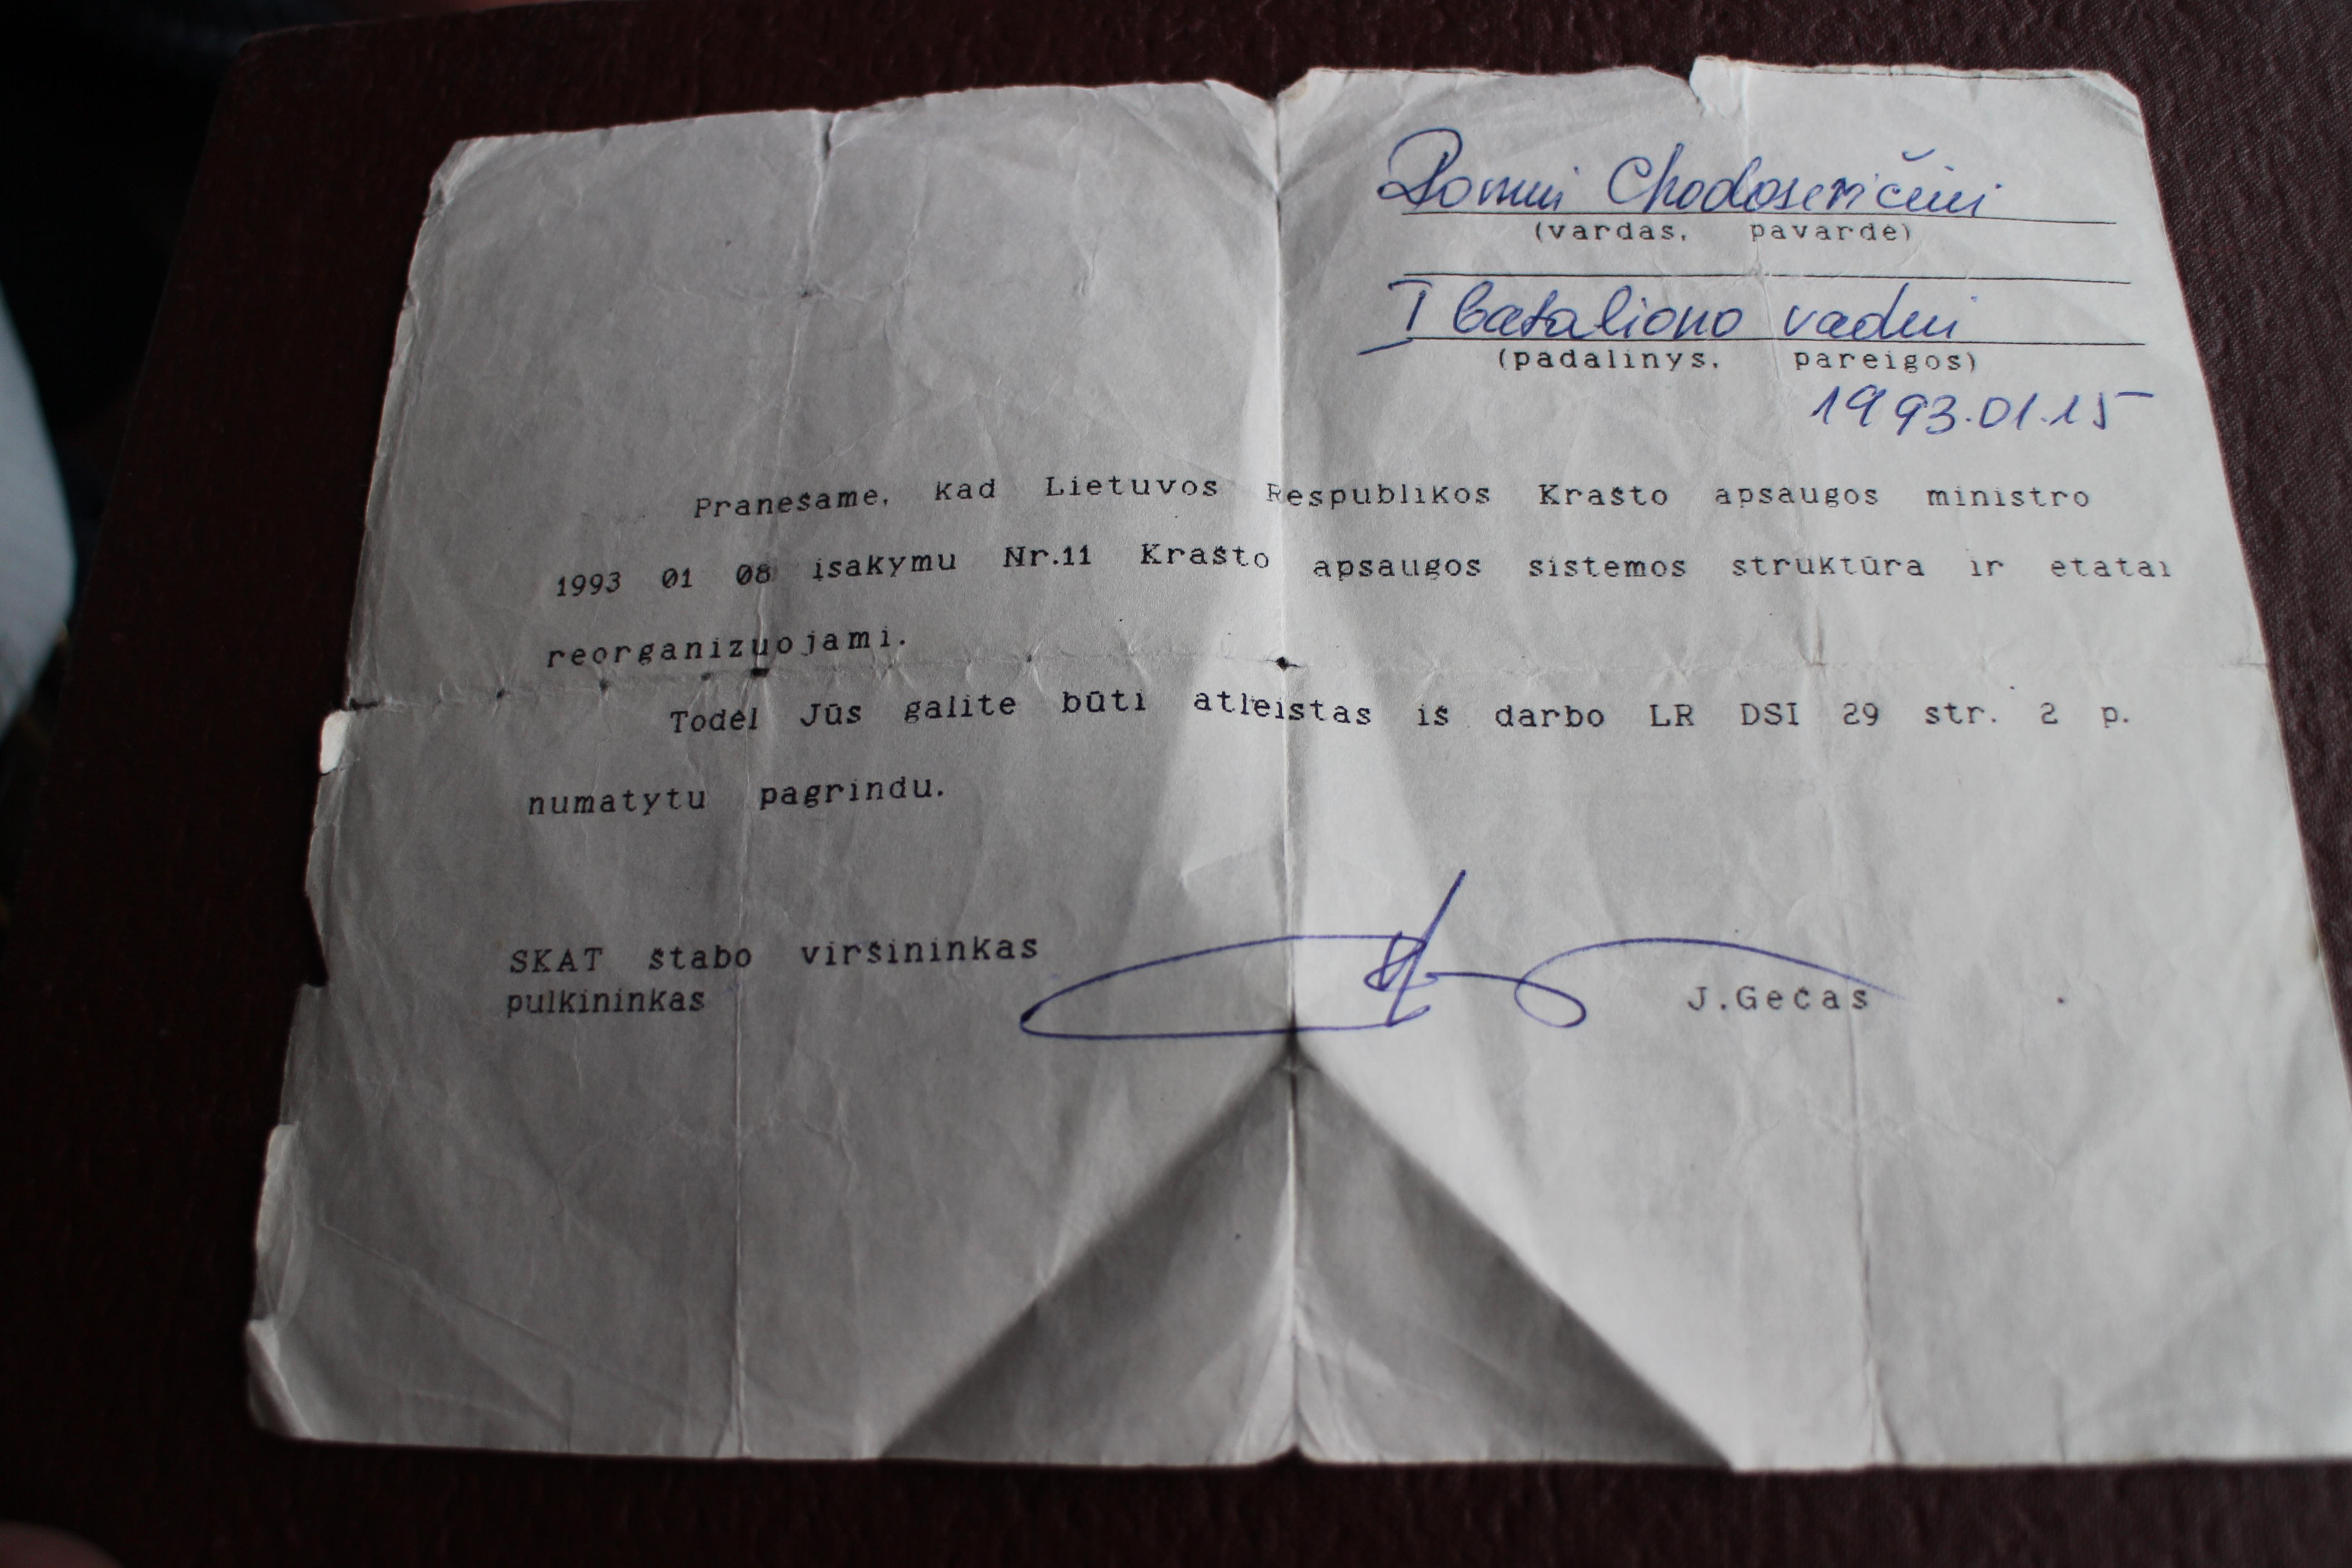 Vieviškių darbai Nepriklausomos Lietuvos gynybai (Nr. 34)